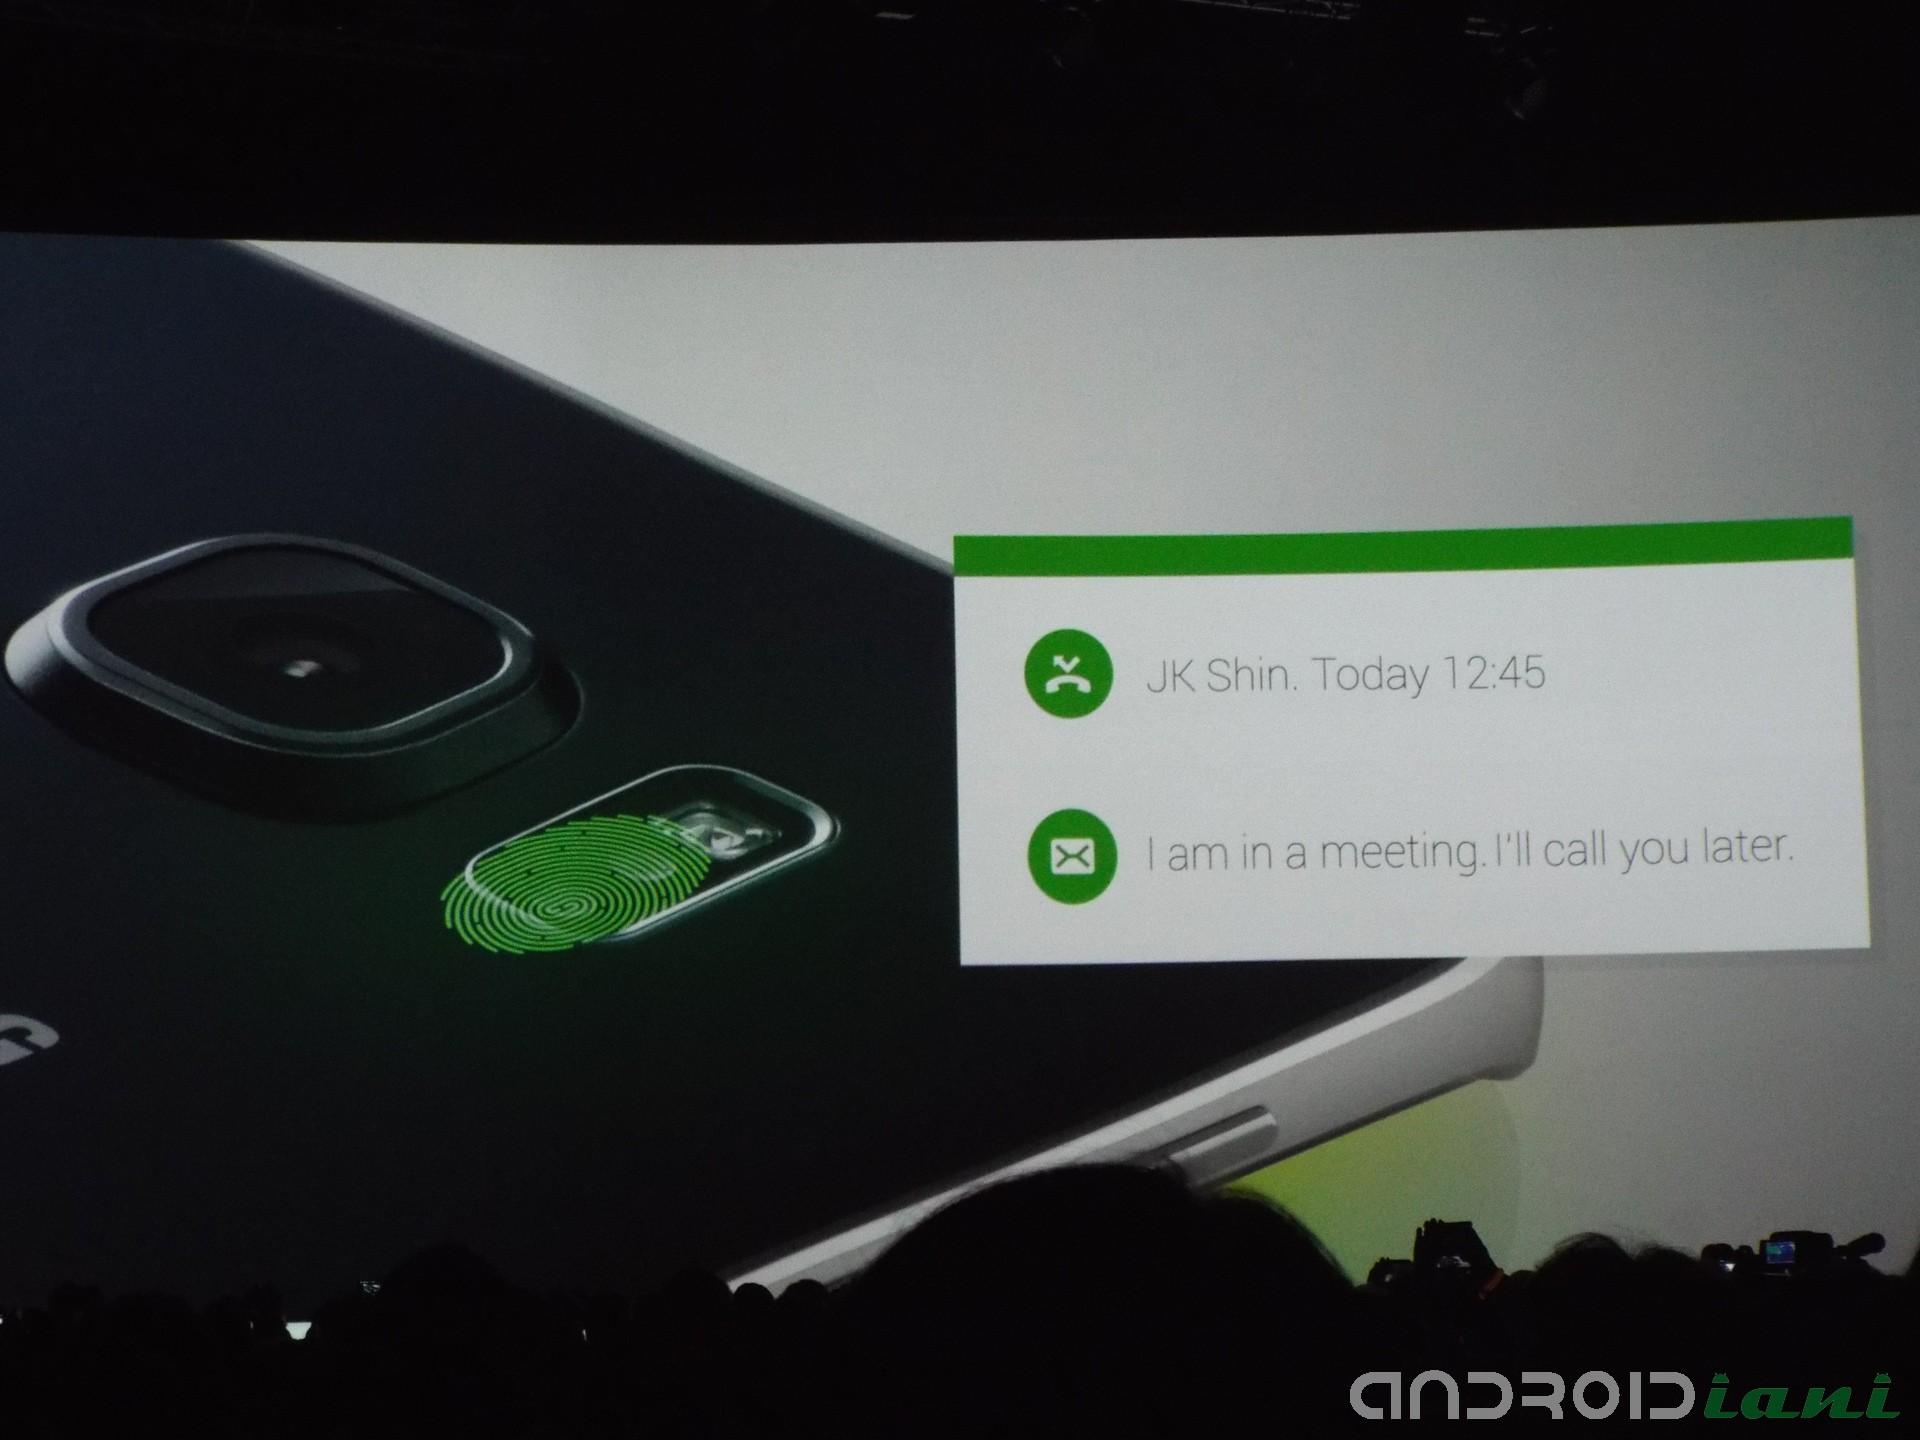 Anche l interfaccia della fotocamera ¨ stata ridisegnata e semplificata in modo da permettere all utente di interagire con il dispositivo riducendo al